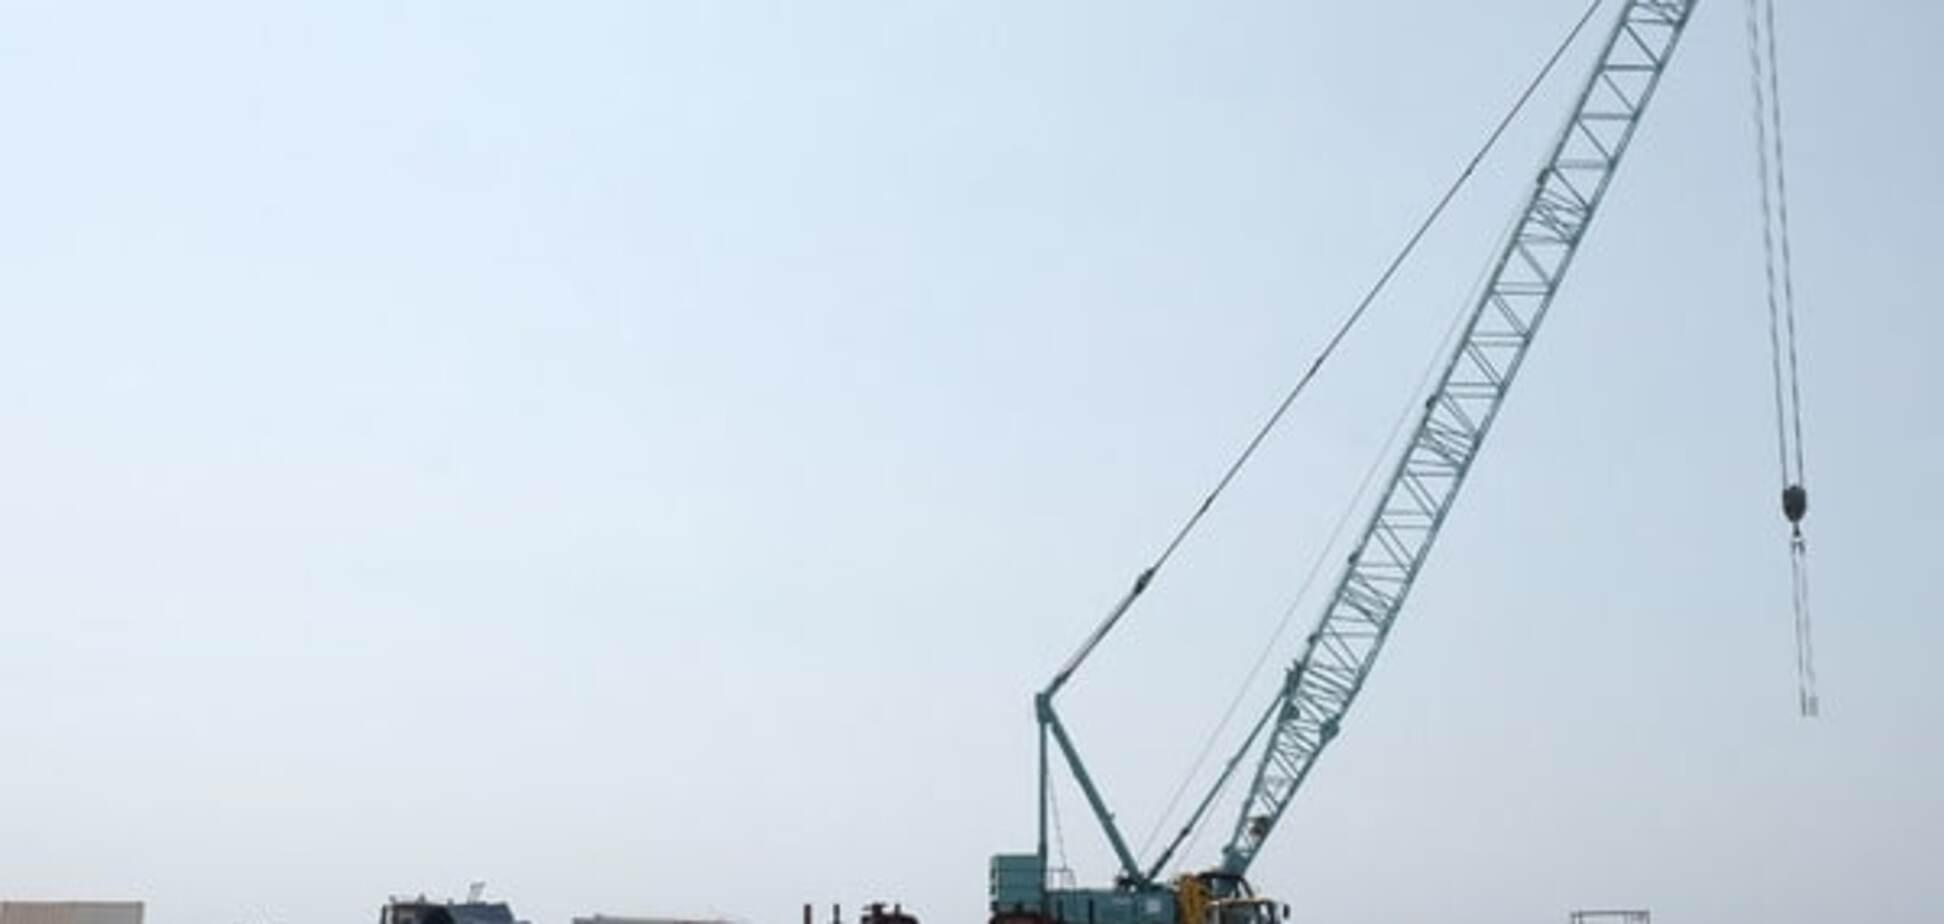 'Чота ржу': енергоміст в 'Кримнаш' не будують через 'невідому цивілізацію'